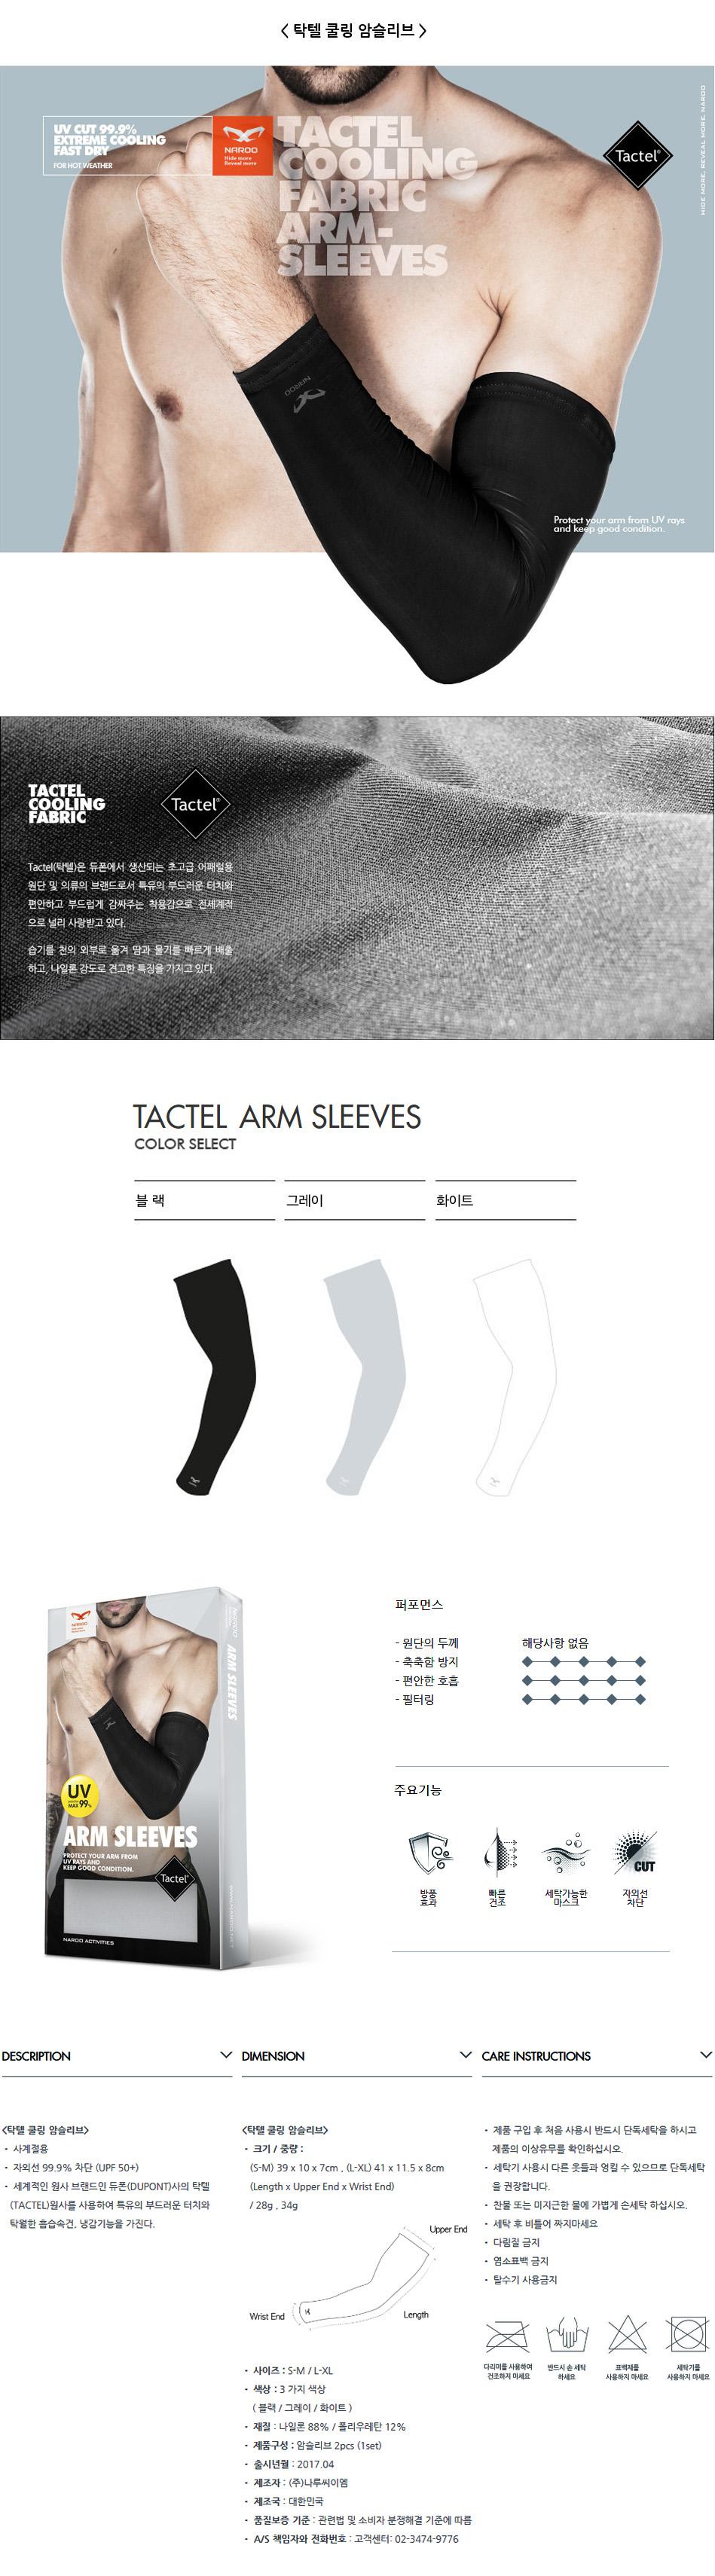 20180517-TACTEL-ARMSLEEVES-950.jpg